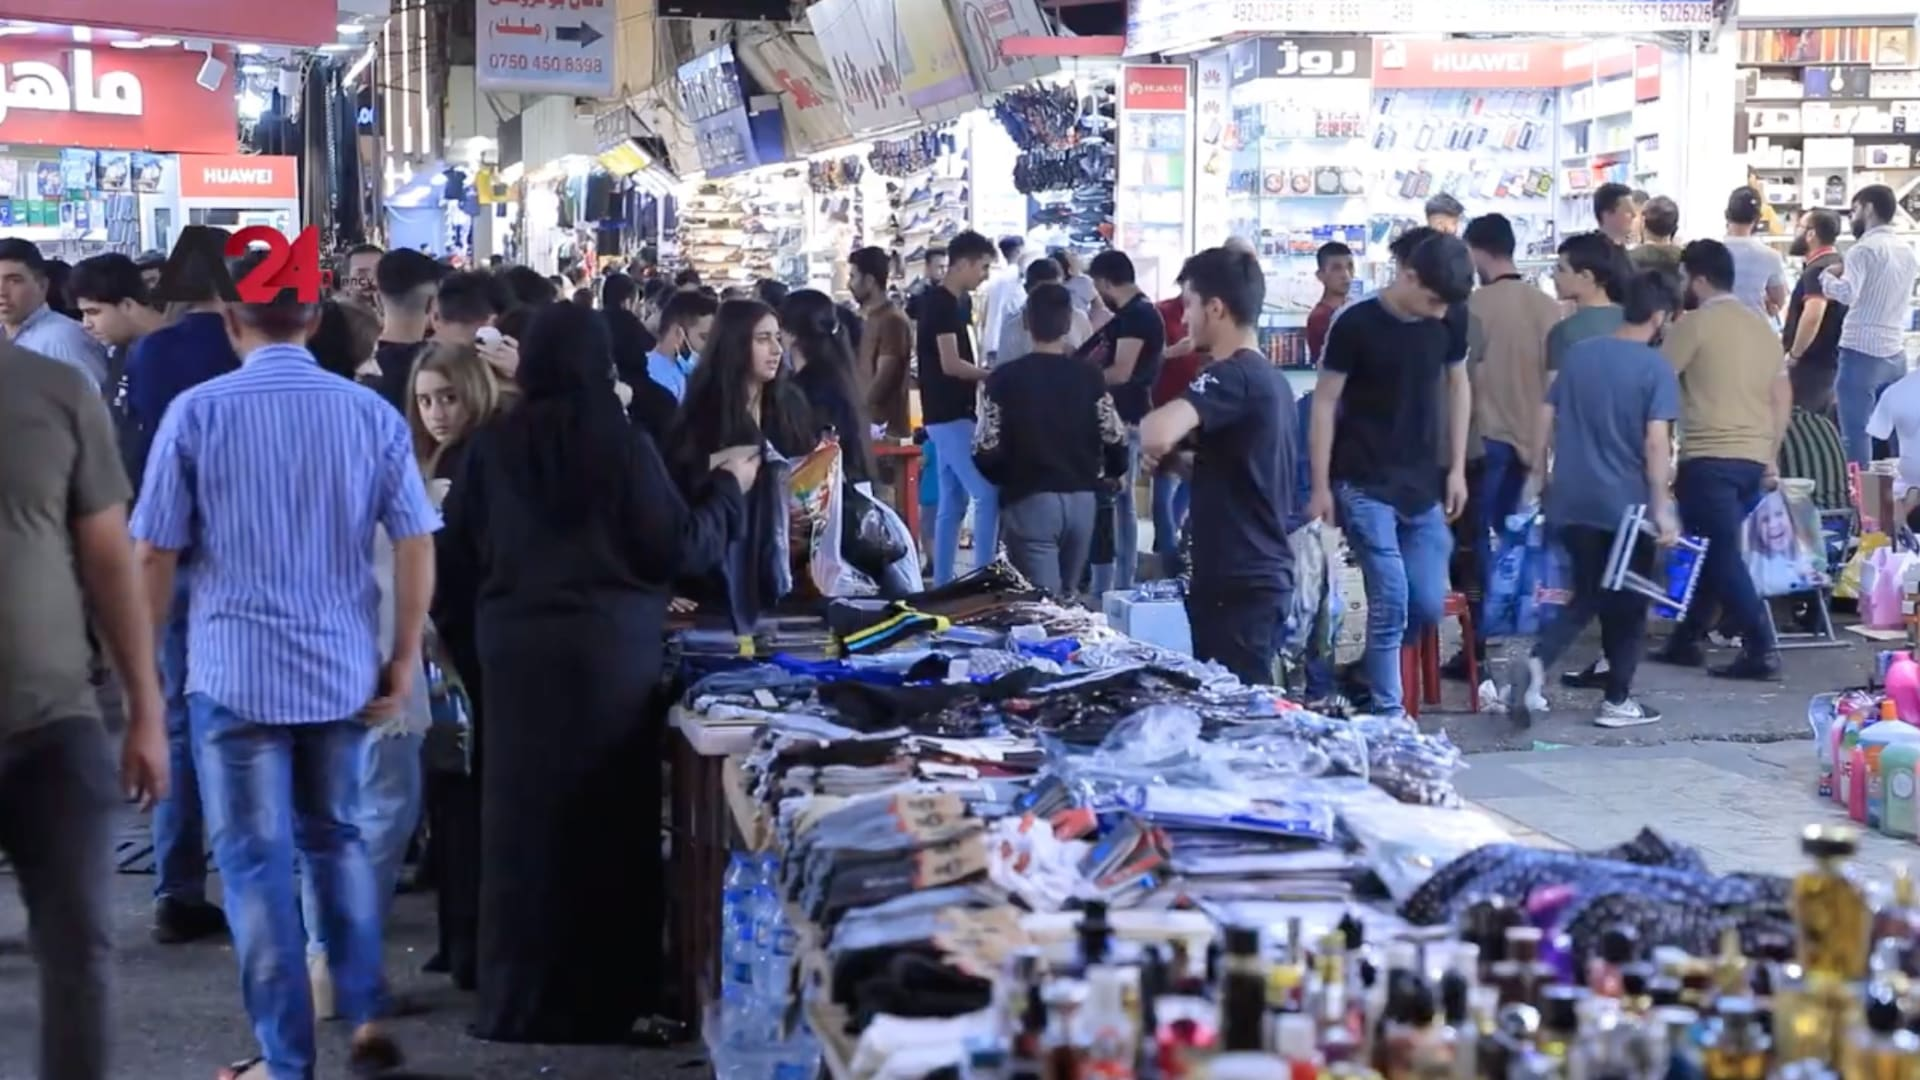 زيادة الإقبال على الأسواق في إقليم كردستان مع اقتراب عيد الفطر